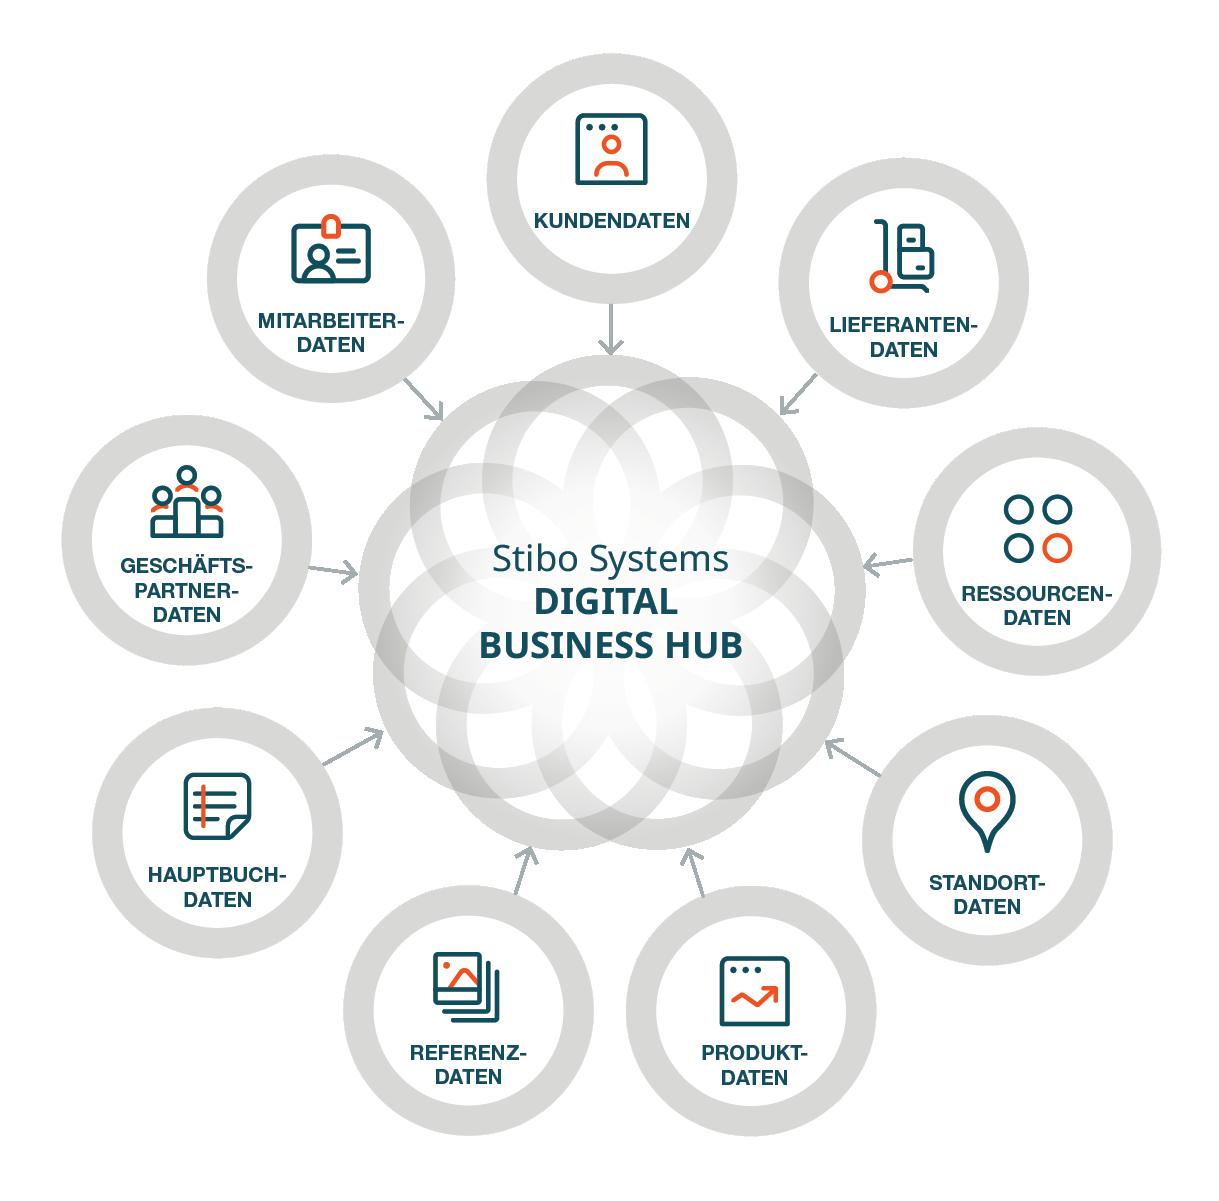 ntegrierten Multidomain-Plattform von Stibo Systems führt ein Digital Business Hub vertrauenswürdige Daten